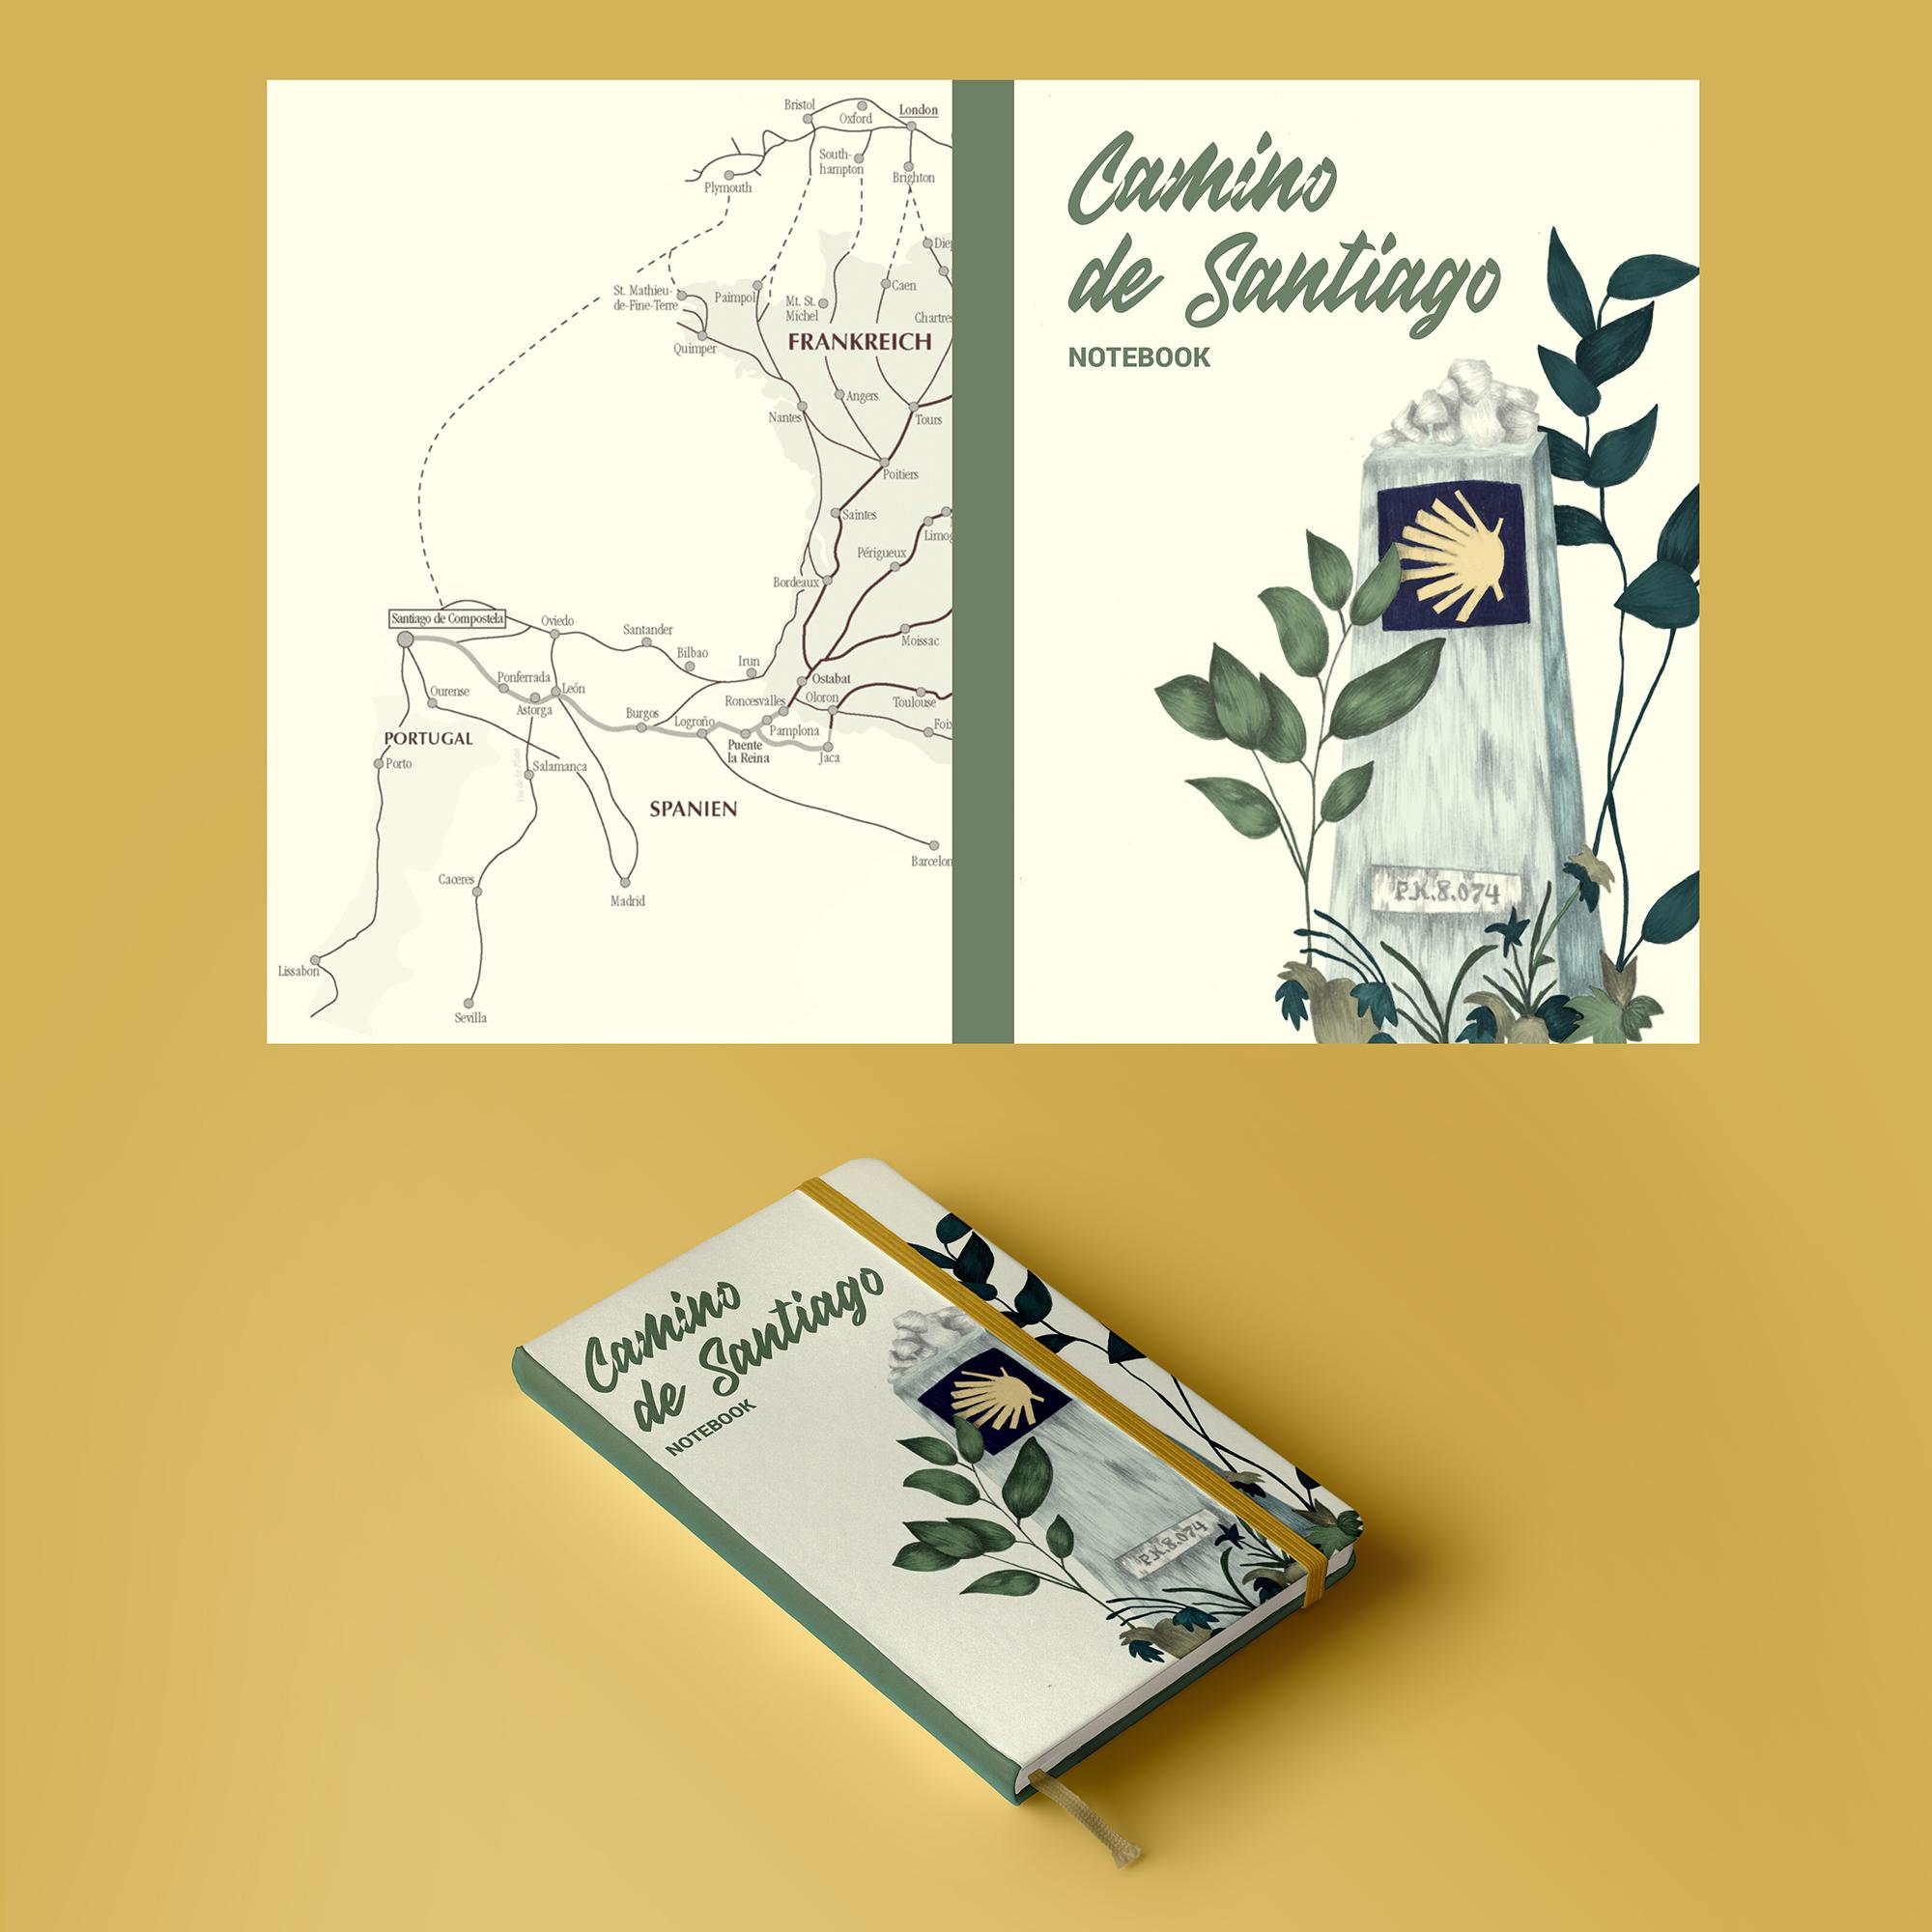 camino_notebook.jpg